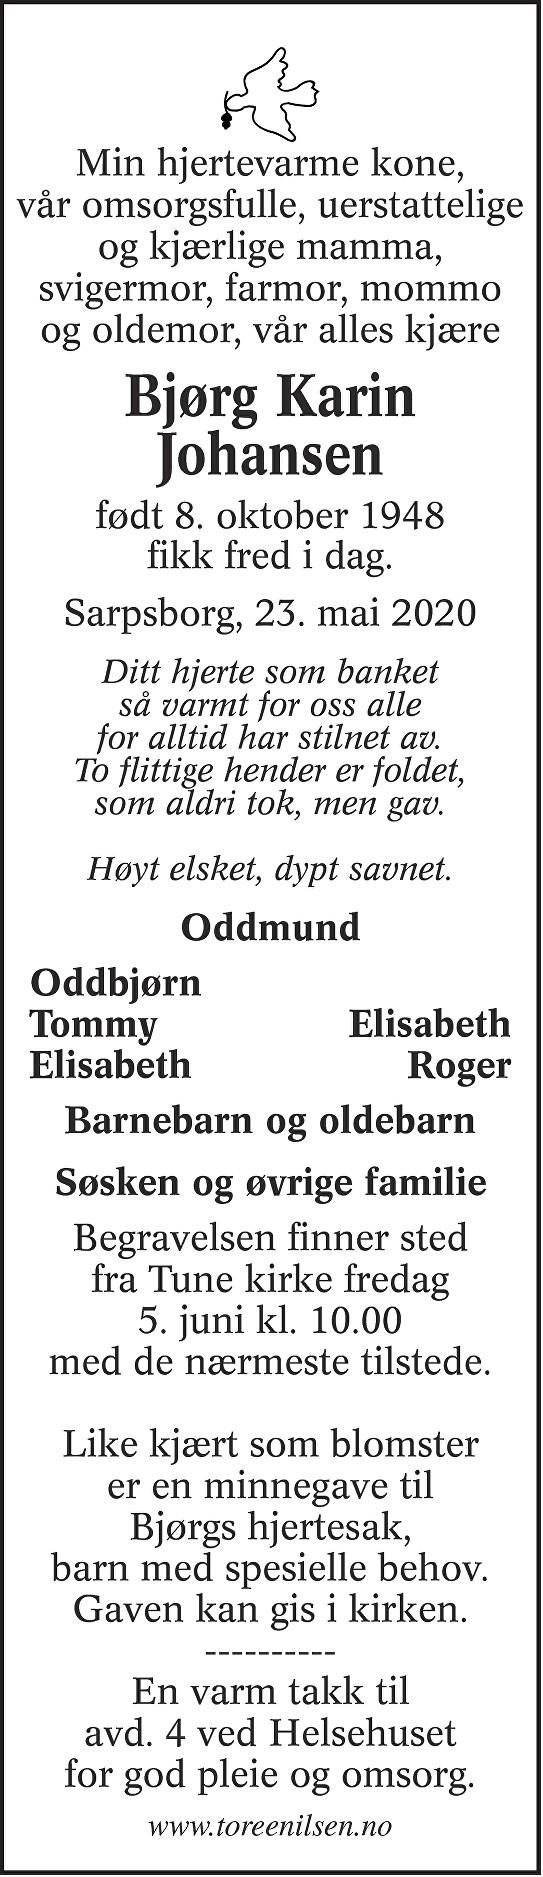 Bjørg Karin Johansen Dødsannonse